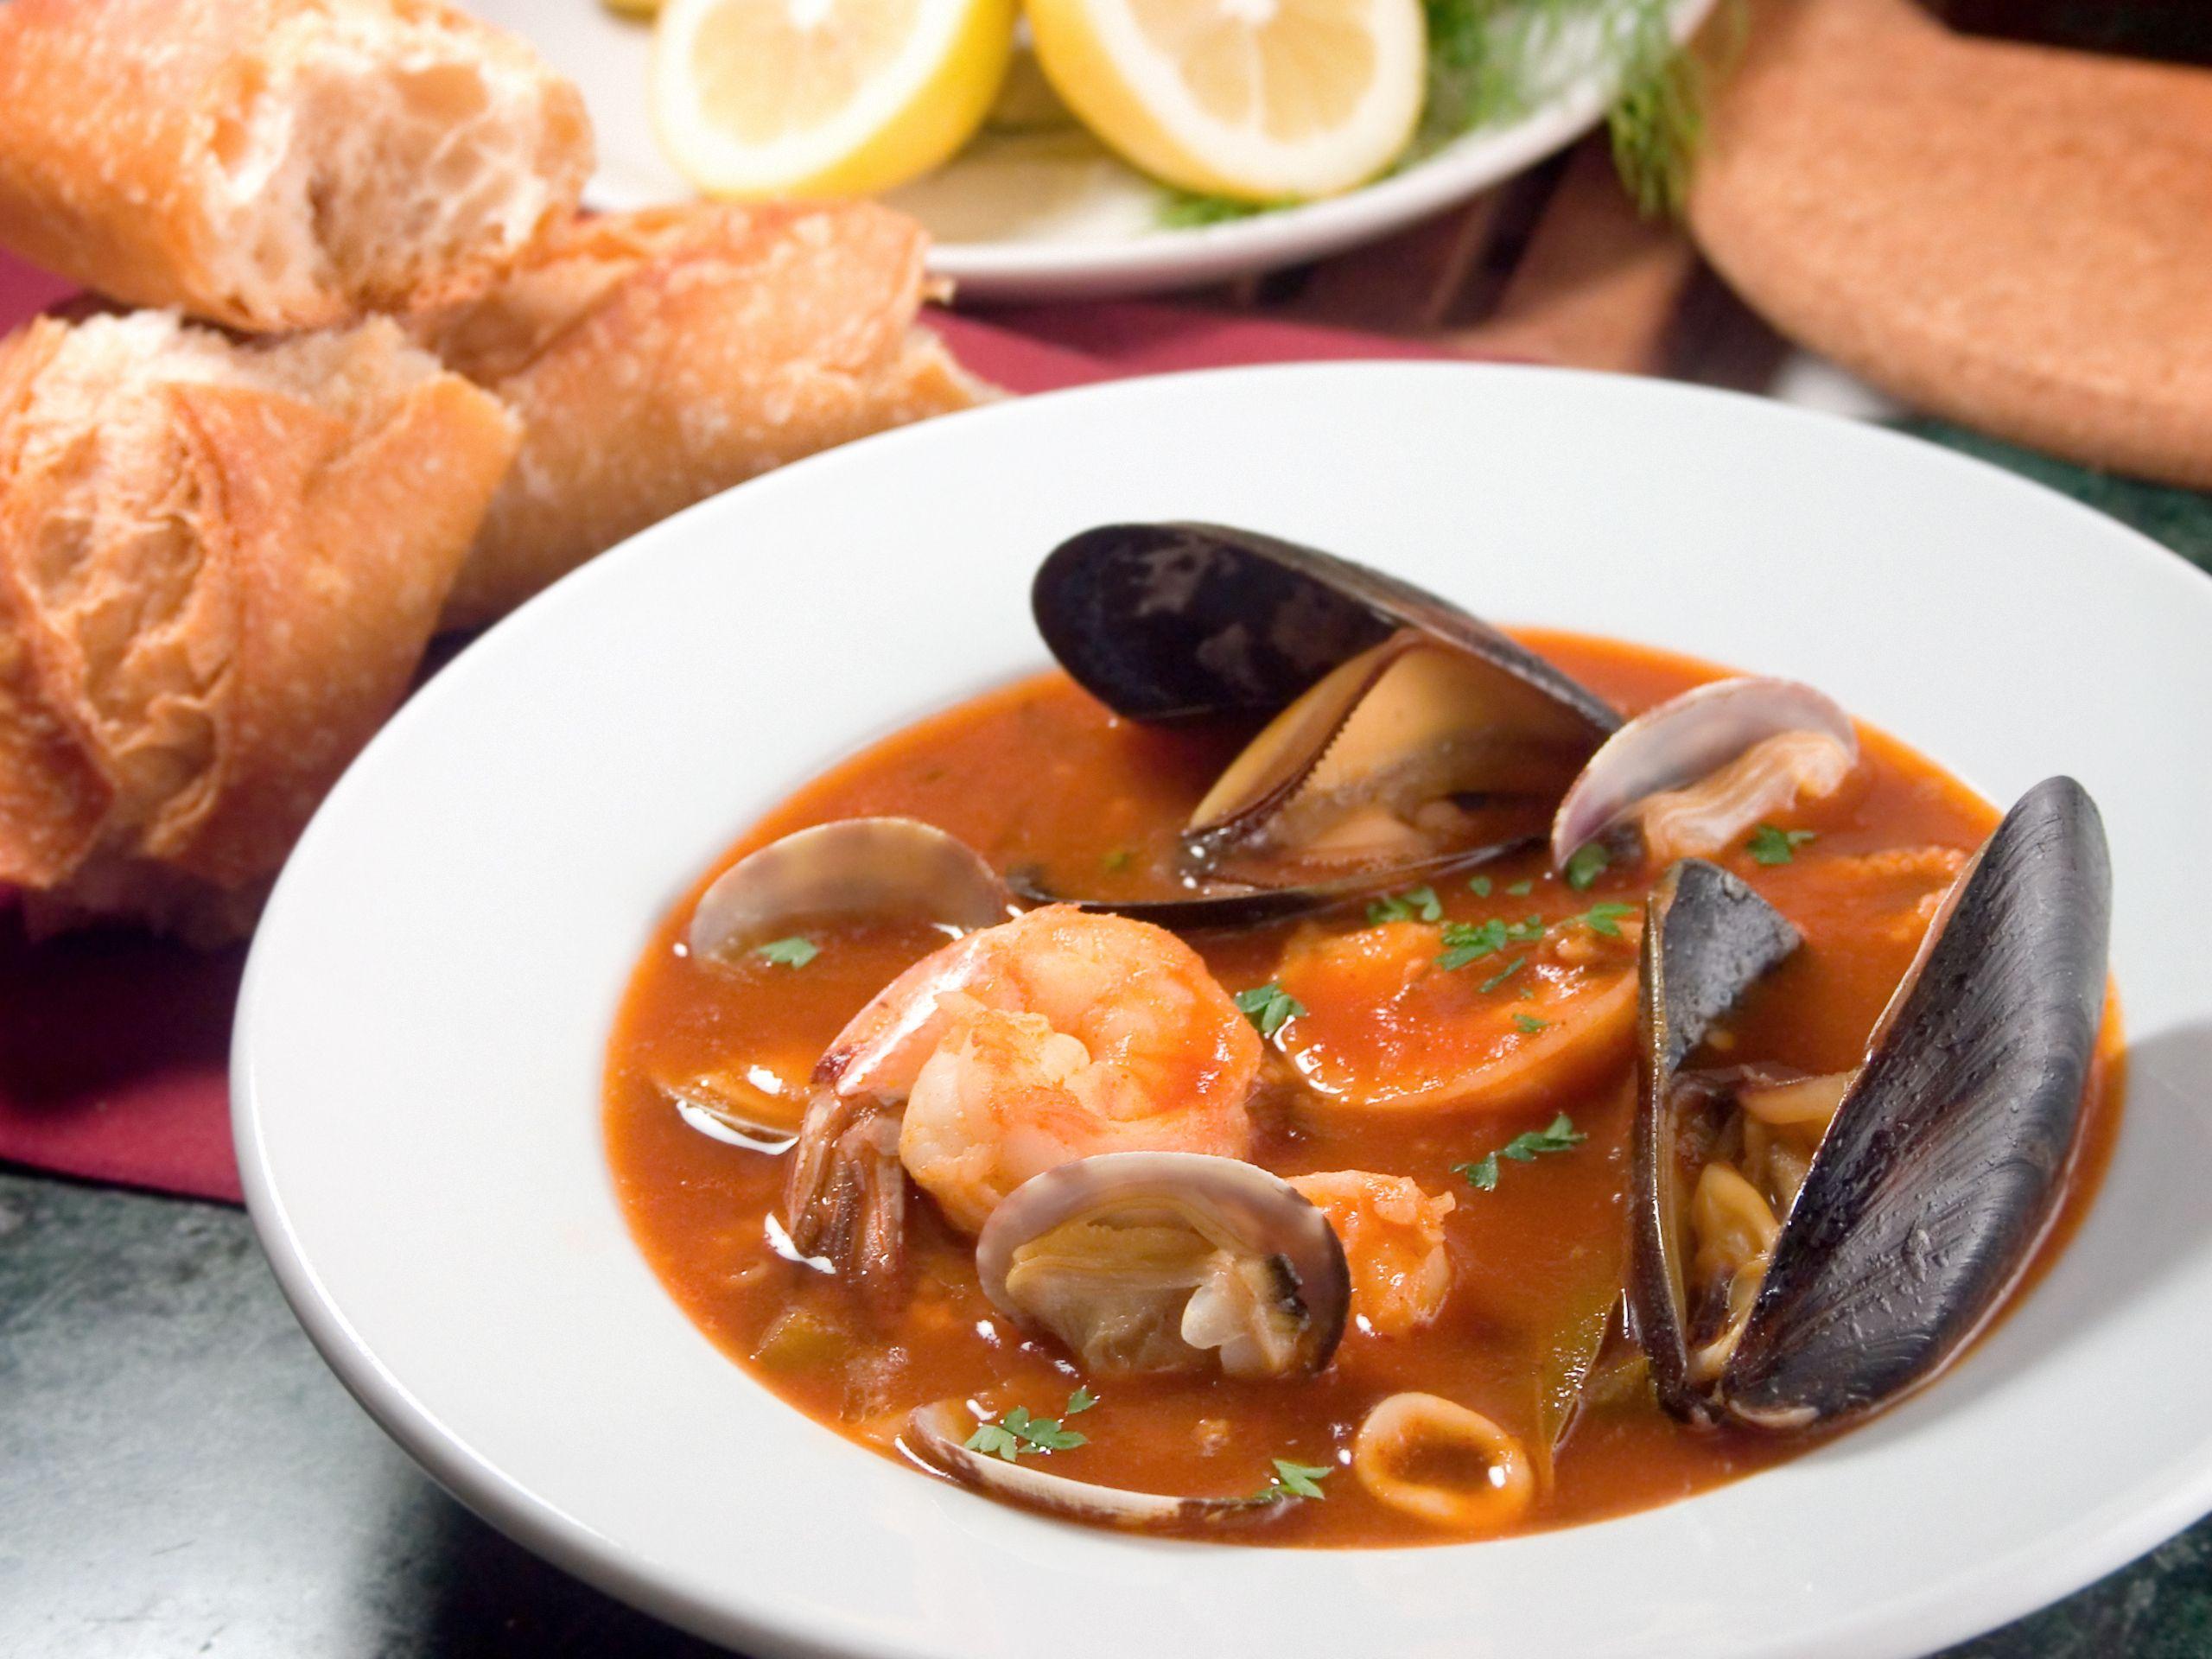 Platos de cuchara: Carta y menús de Restaurante de La Santa